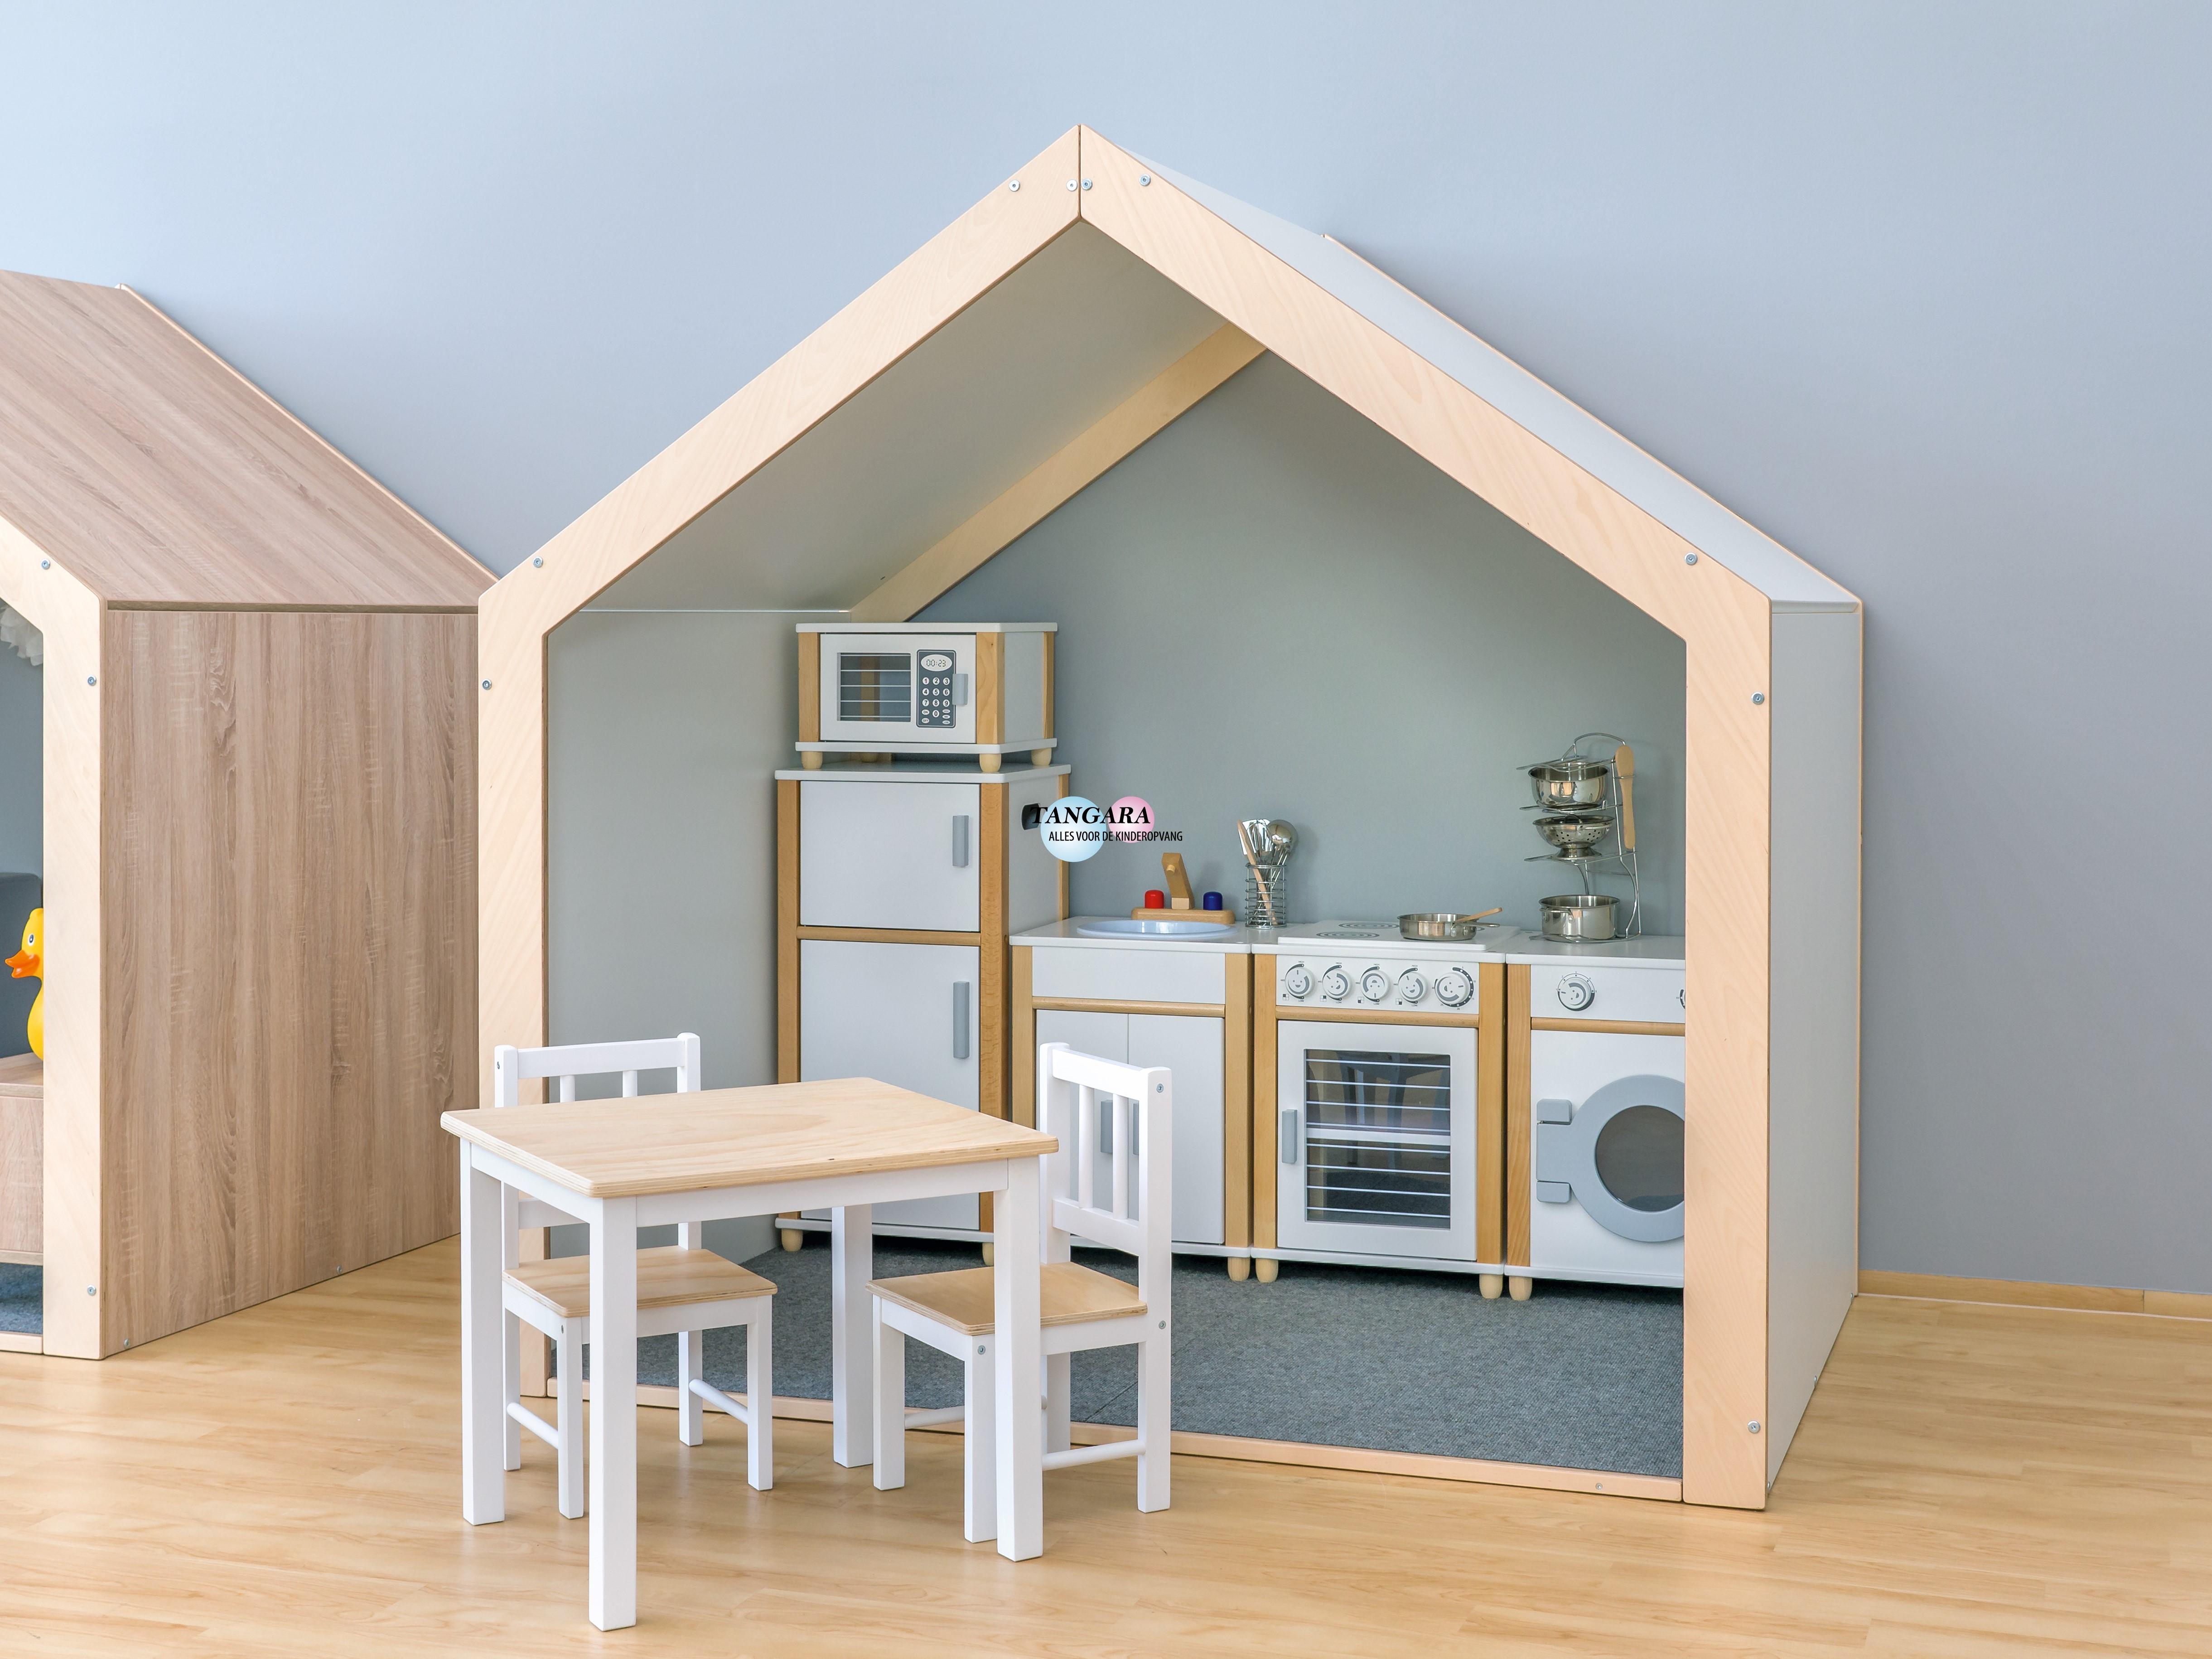 Keuken Met Zithoekje : Tafels stoelen & bankjes: kinder zithoekje 3 delig wit of